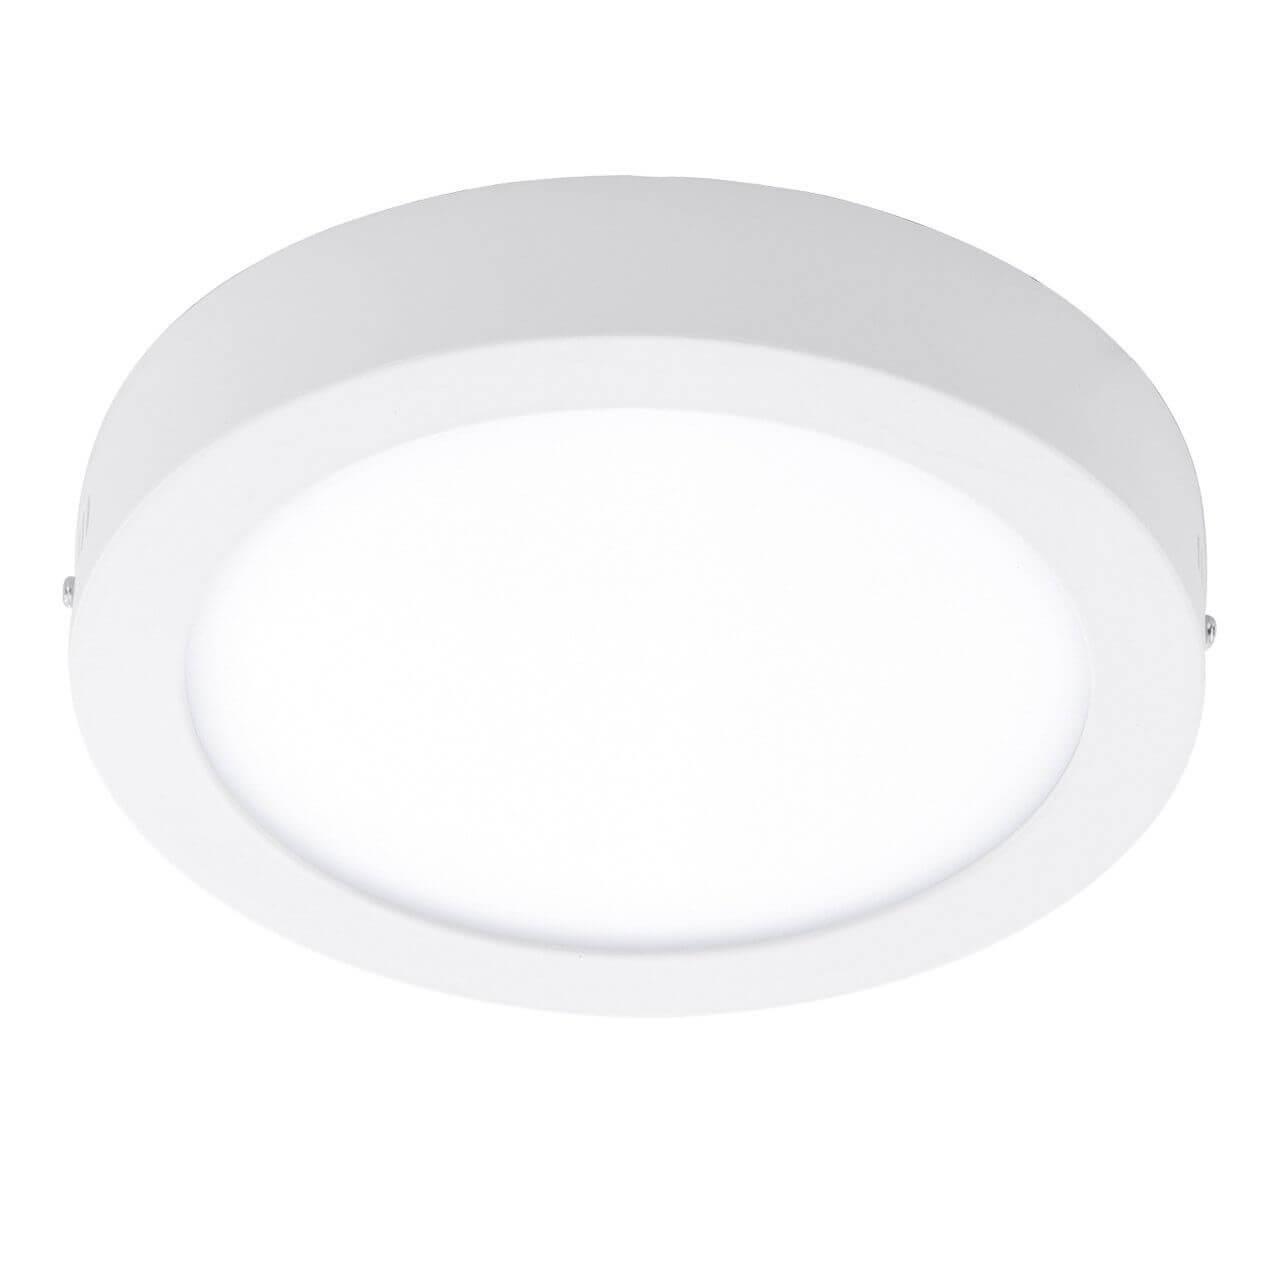 купить Накладной светильник Eglo 96168, LED, 22 Вт недорого